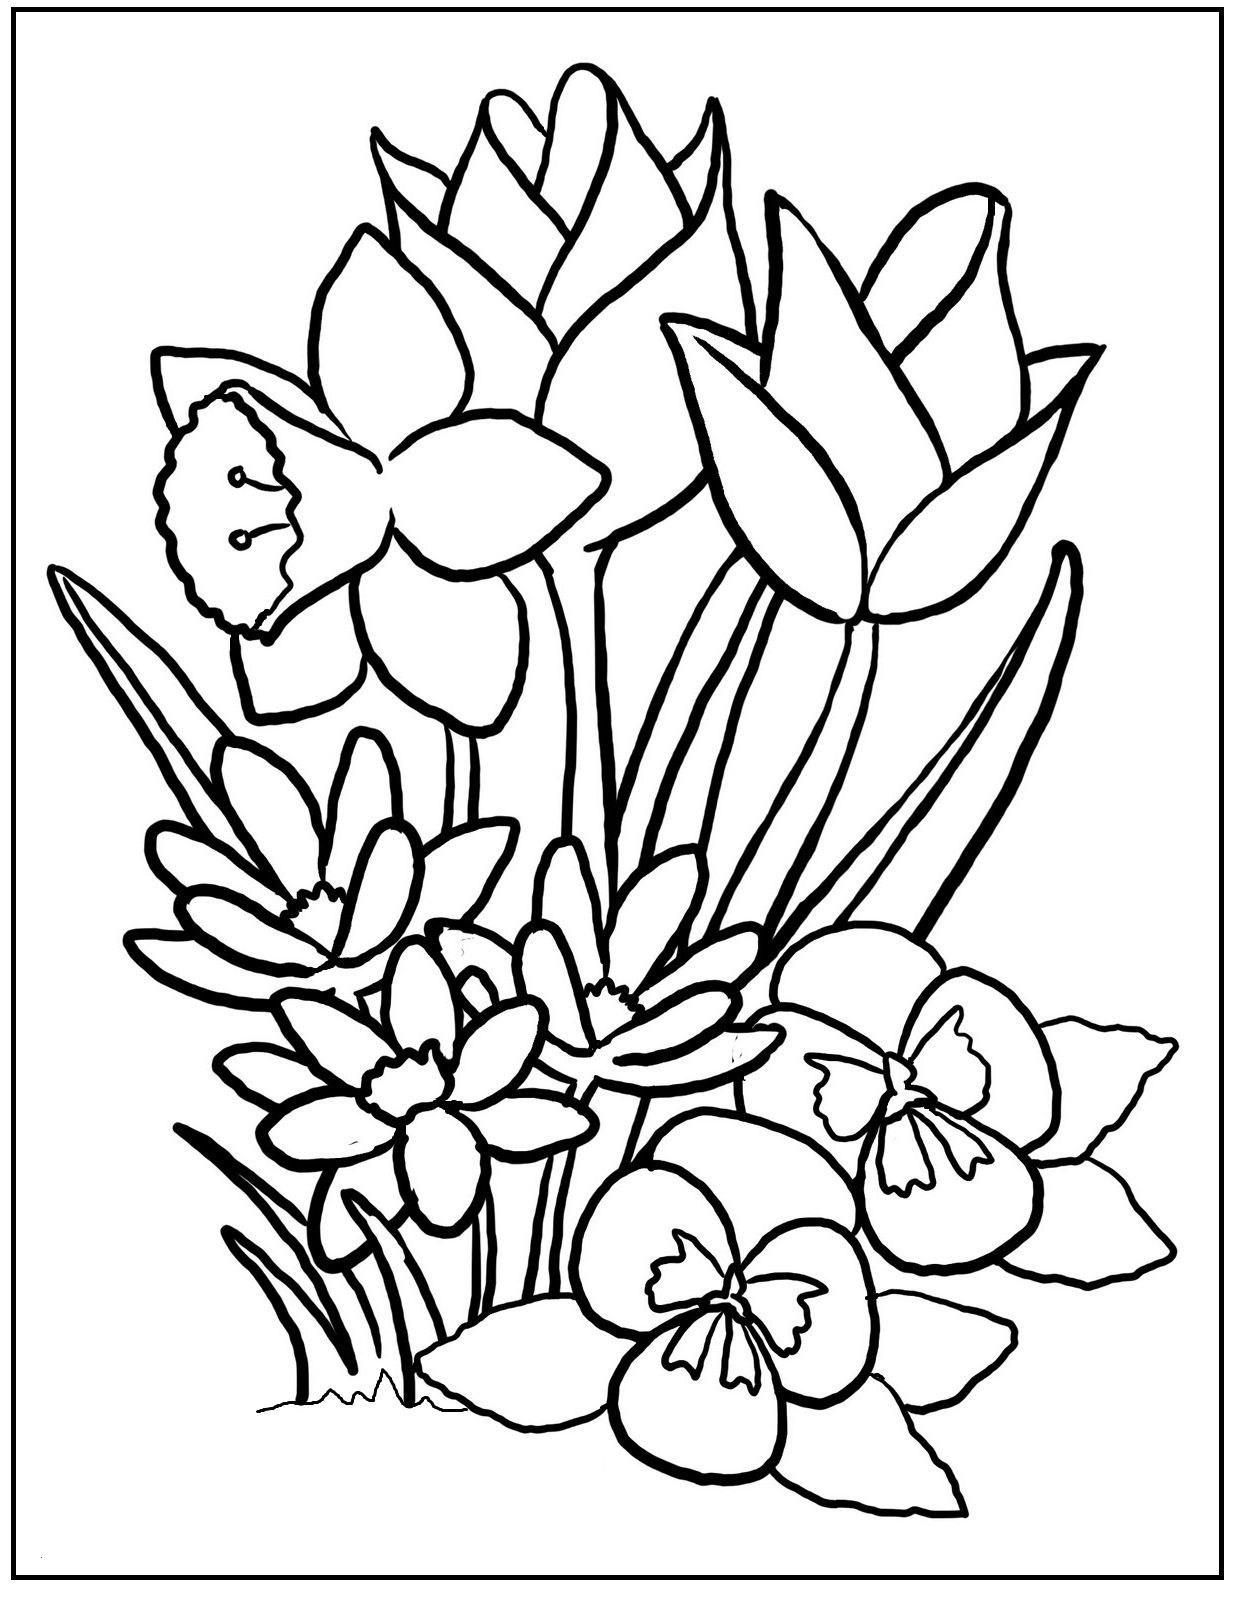 Schmetterling Mit Blume Zum Ausmalen Genial Malvorlagen Blumen Und Schmetterlinge Wunderschöne Einzigartig Galerie